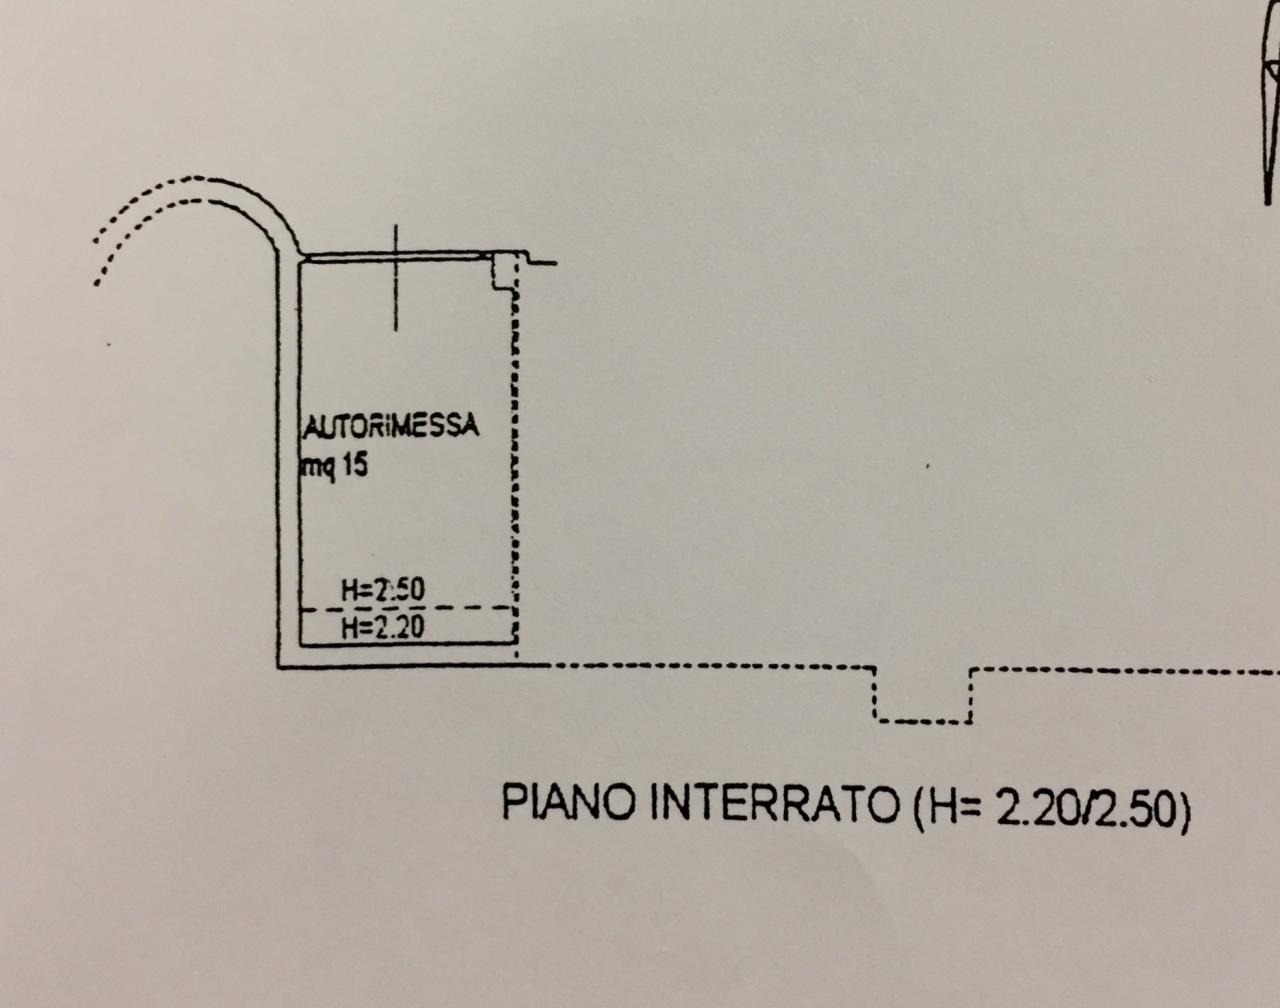 Appartamenti e Attici RIMINI vendita  SAN GIULIANO - CELLE  Aimmobiliare srl s